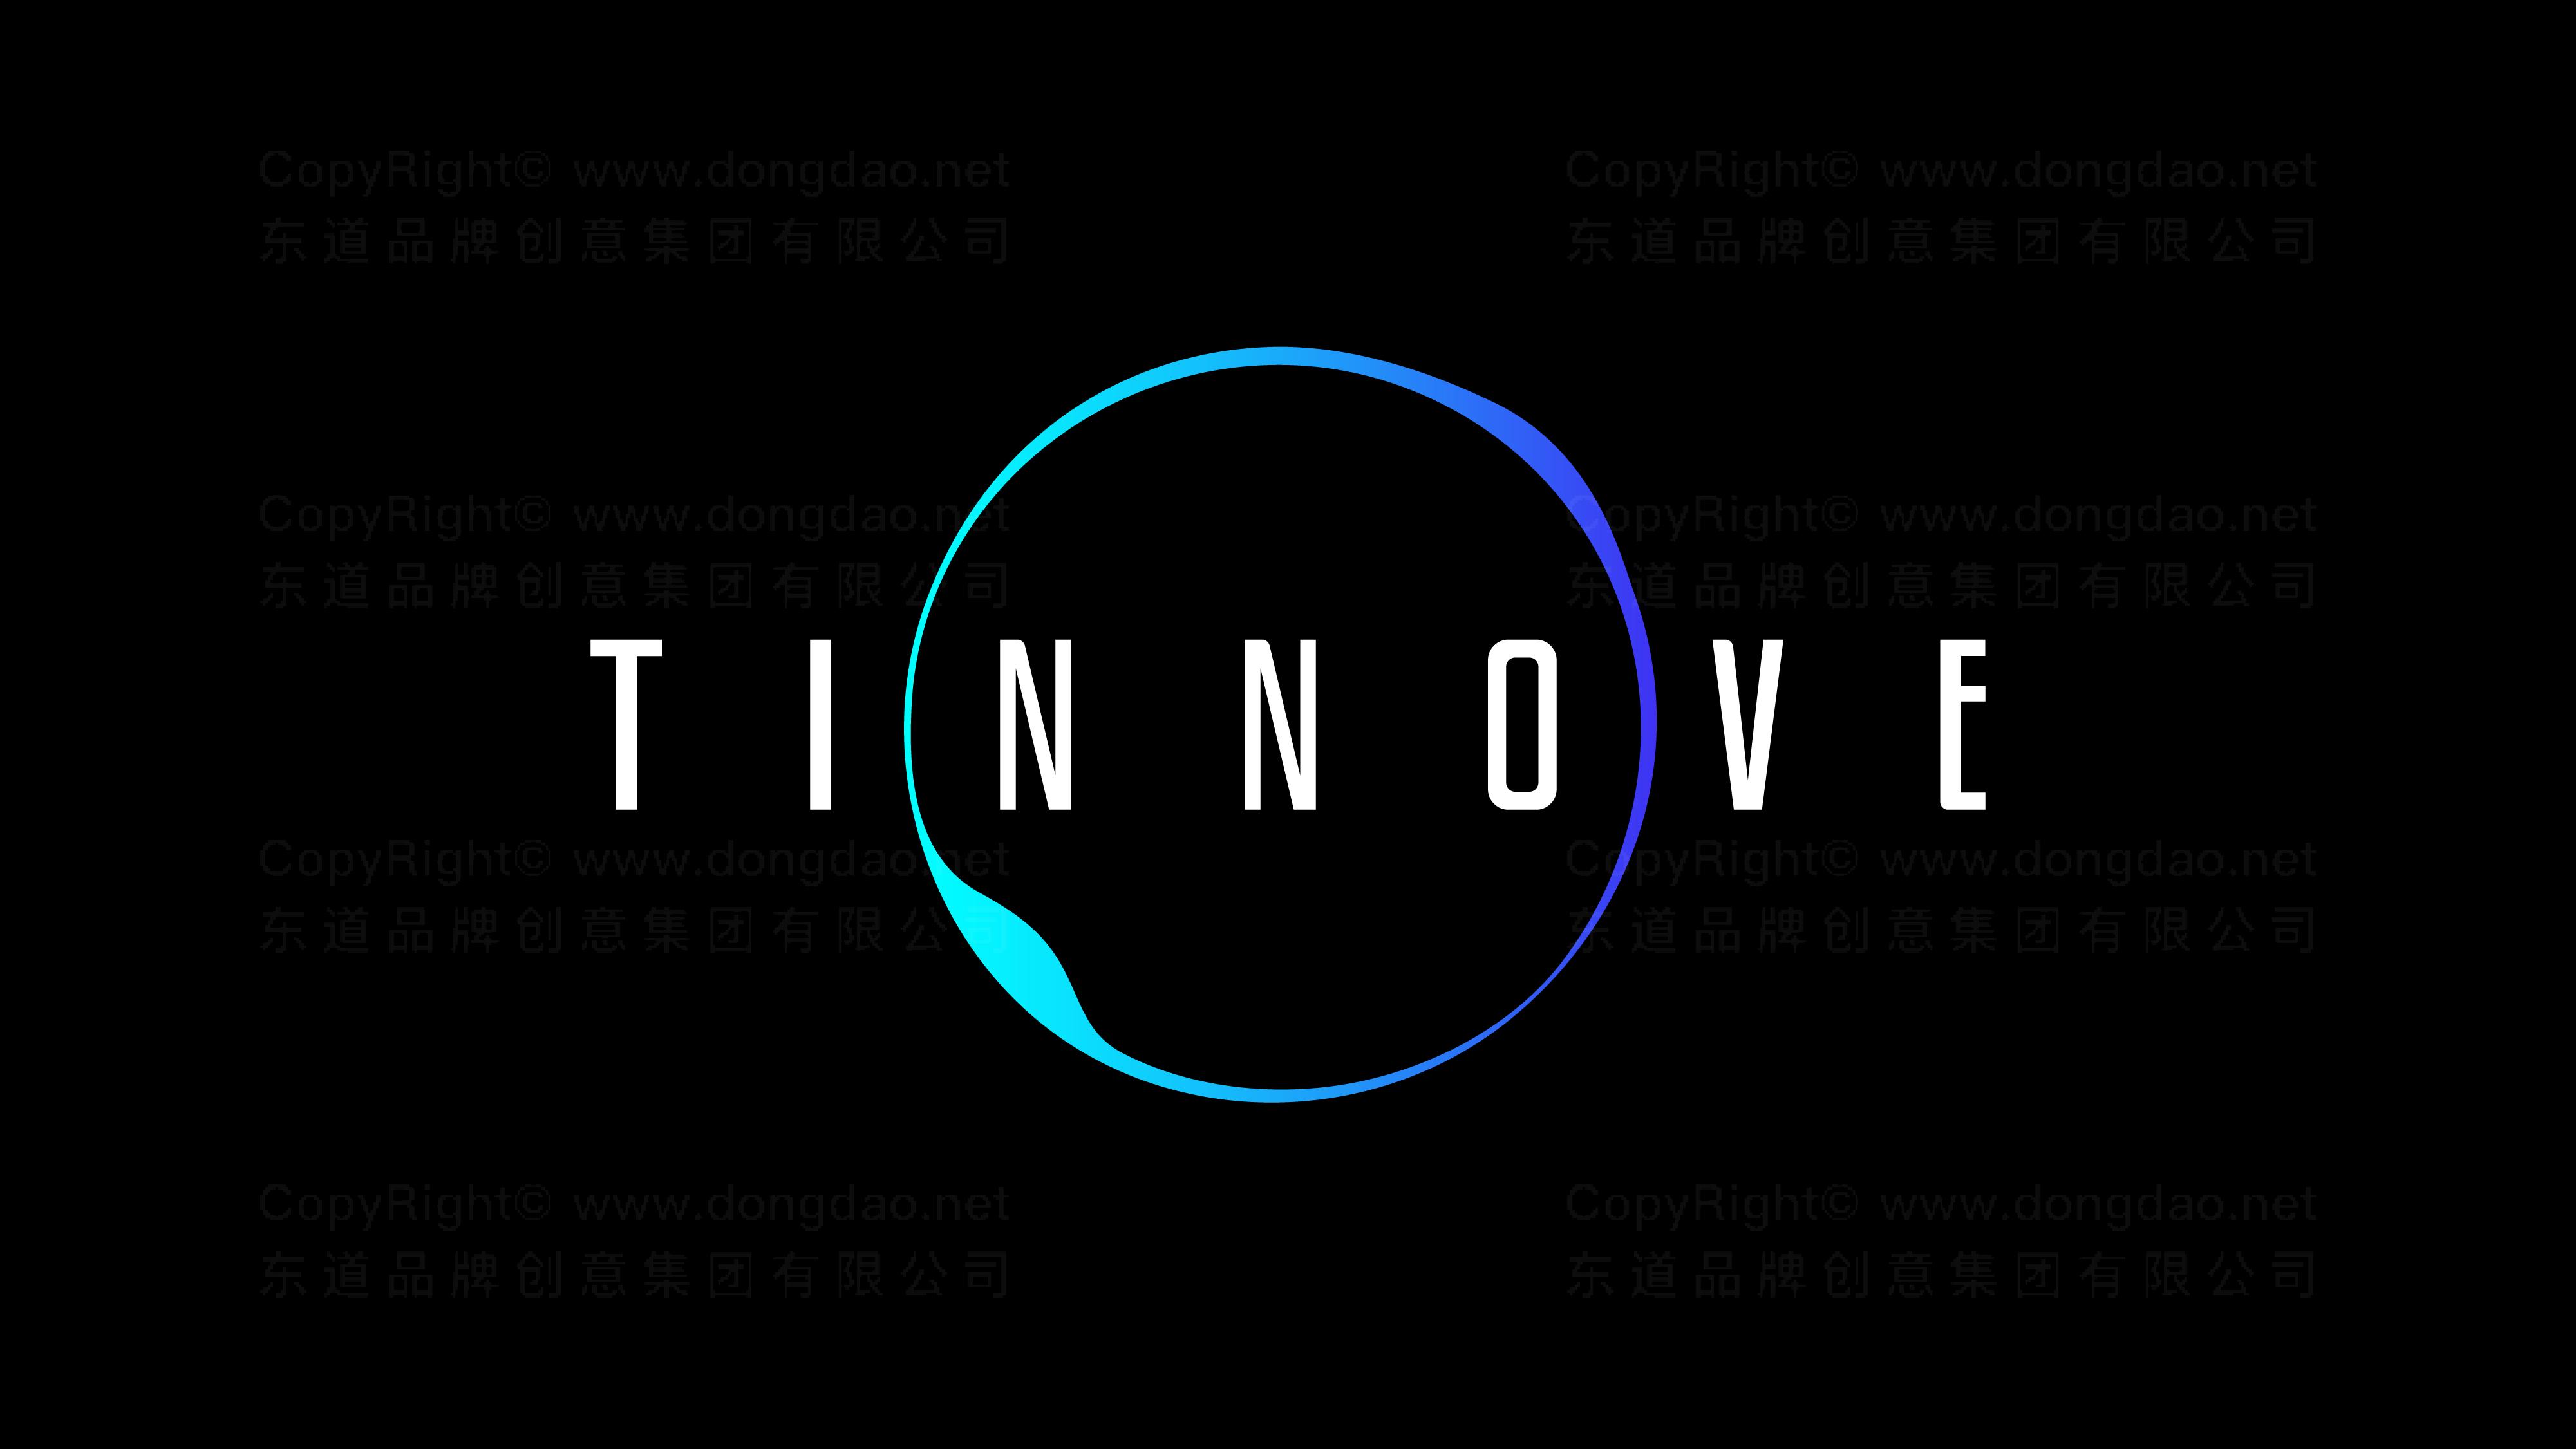 品牌设计案例TINNOVE汽车智能系统LOGO&VI设计